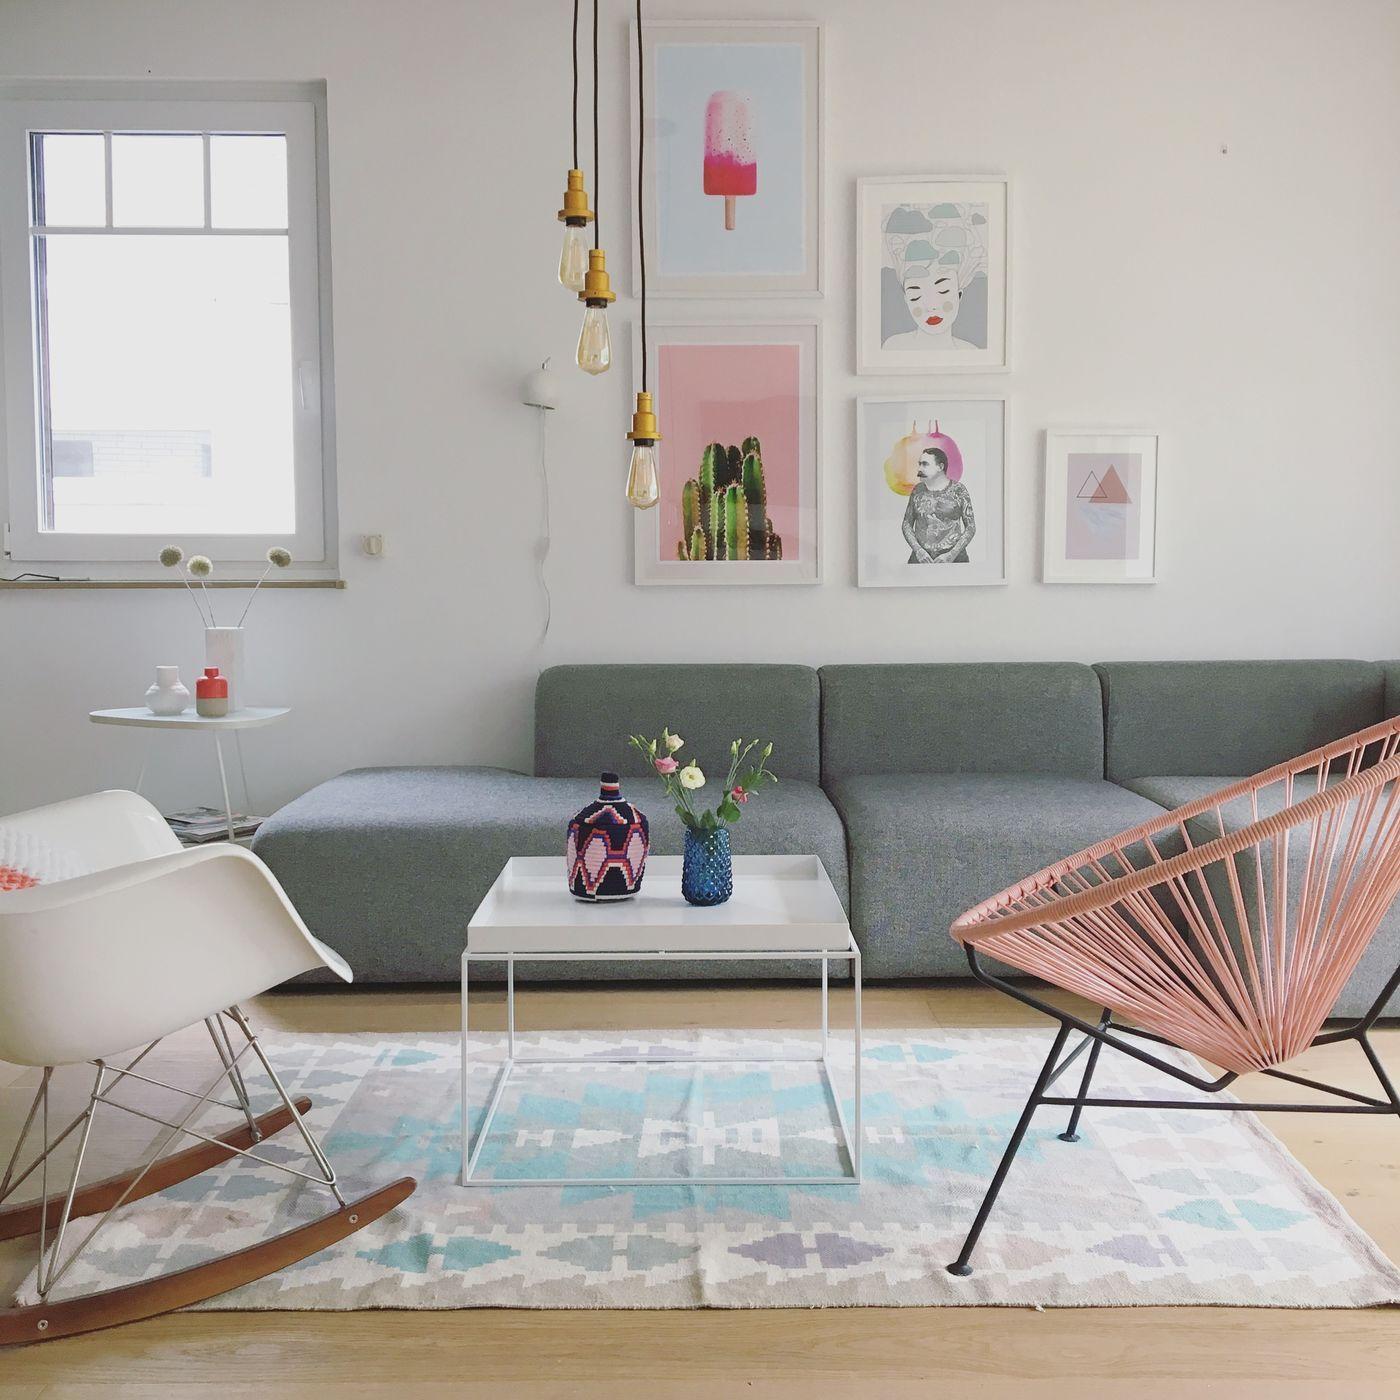 bilder aufh ngen die besten tipps tricks und inspirationen seite 5. Black Bedroom Furniture Sets. Home Design Ideas